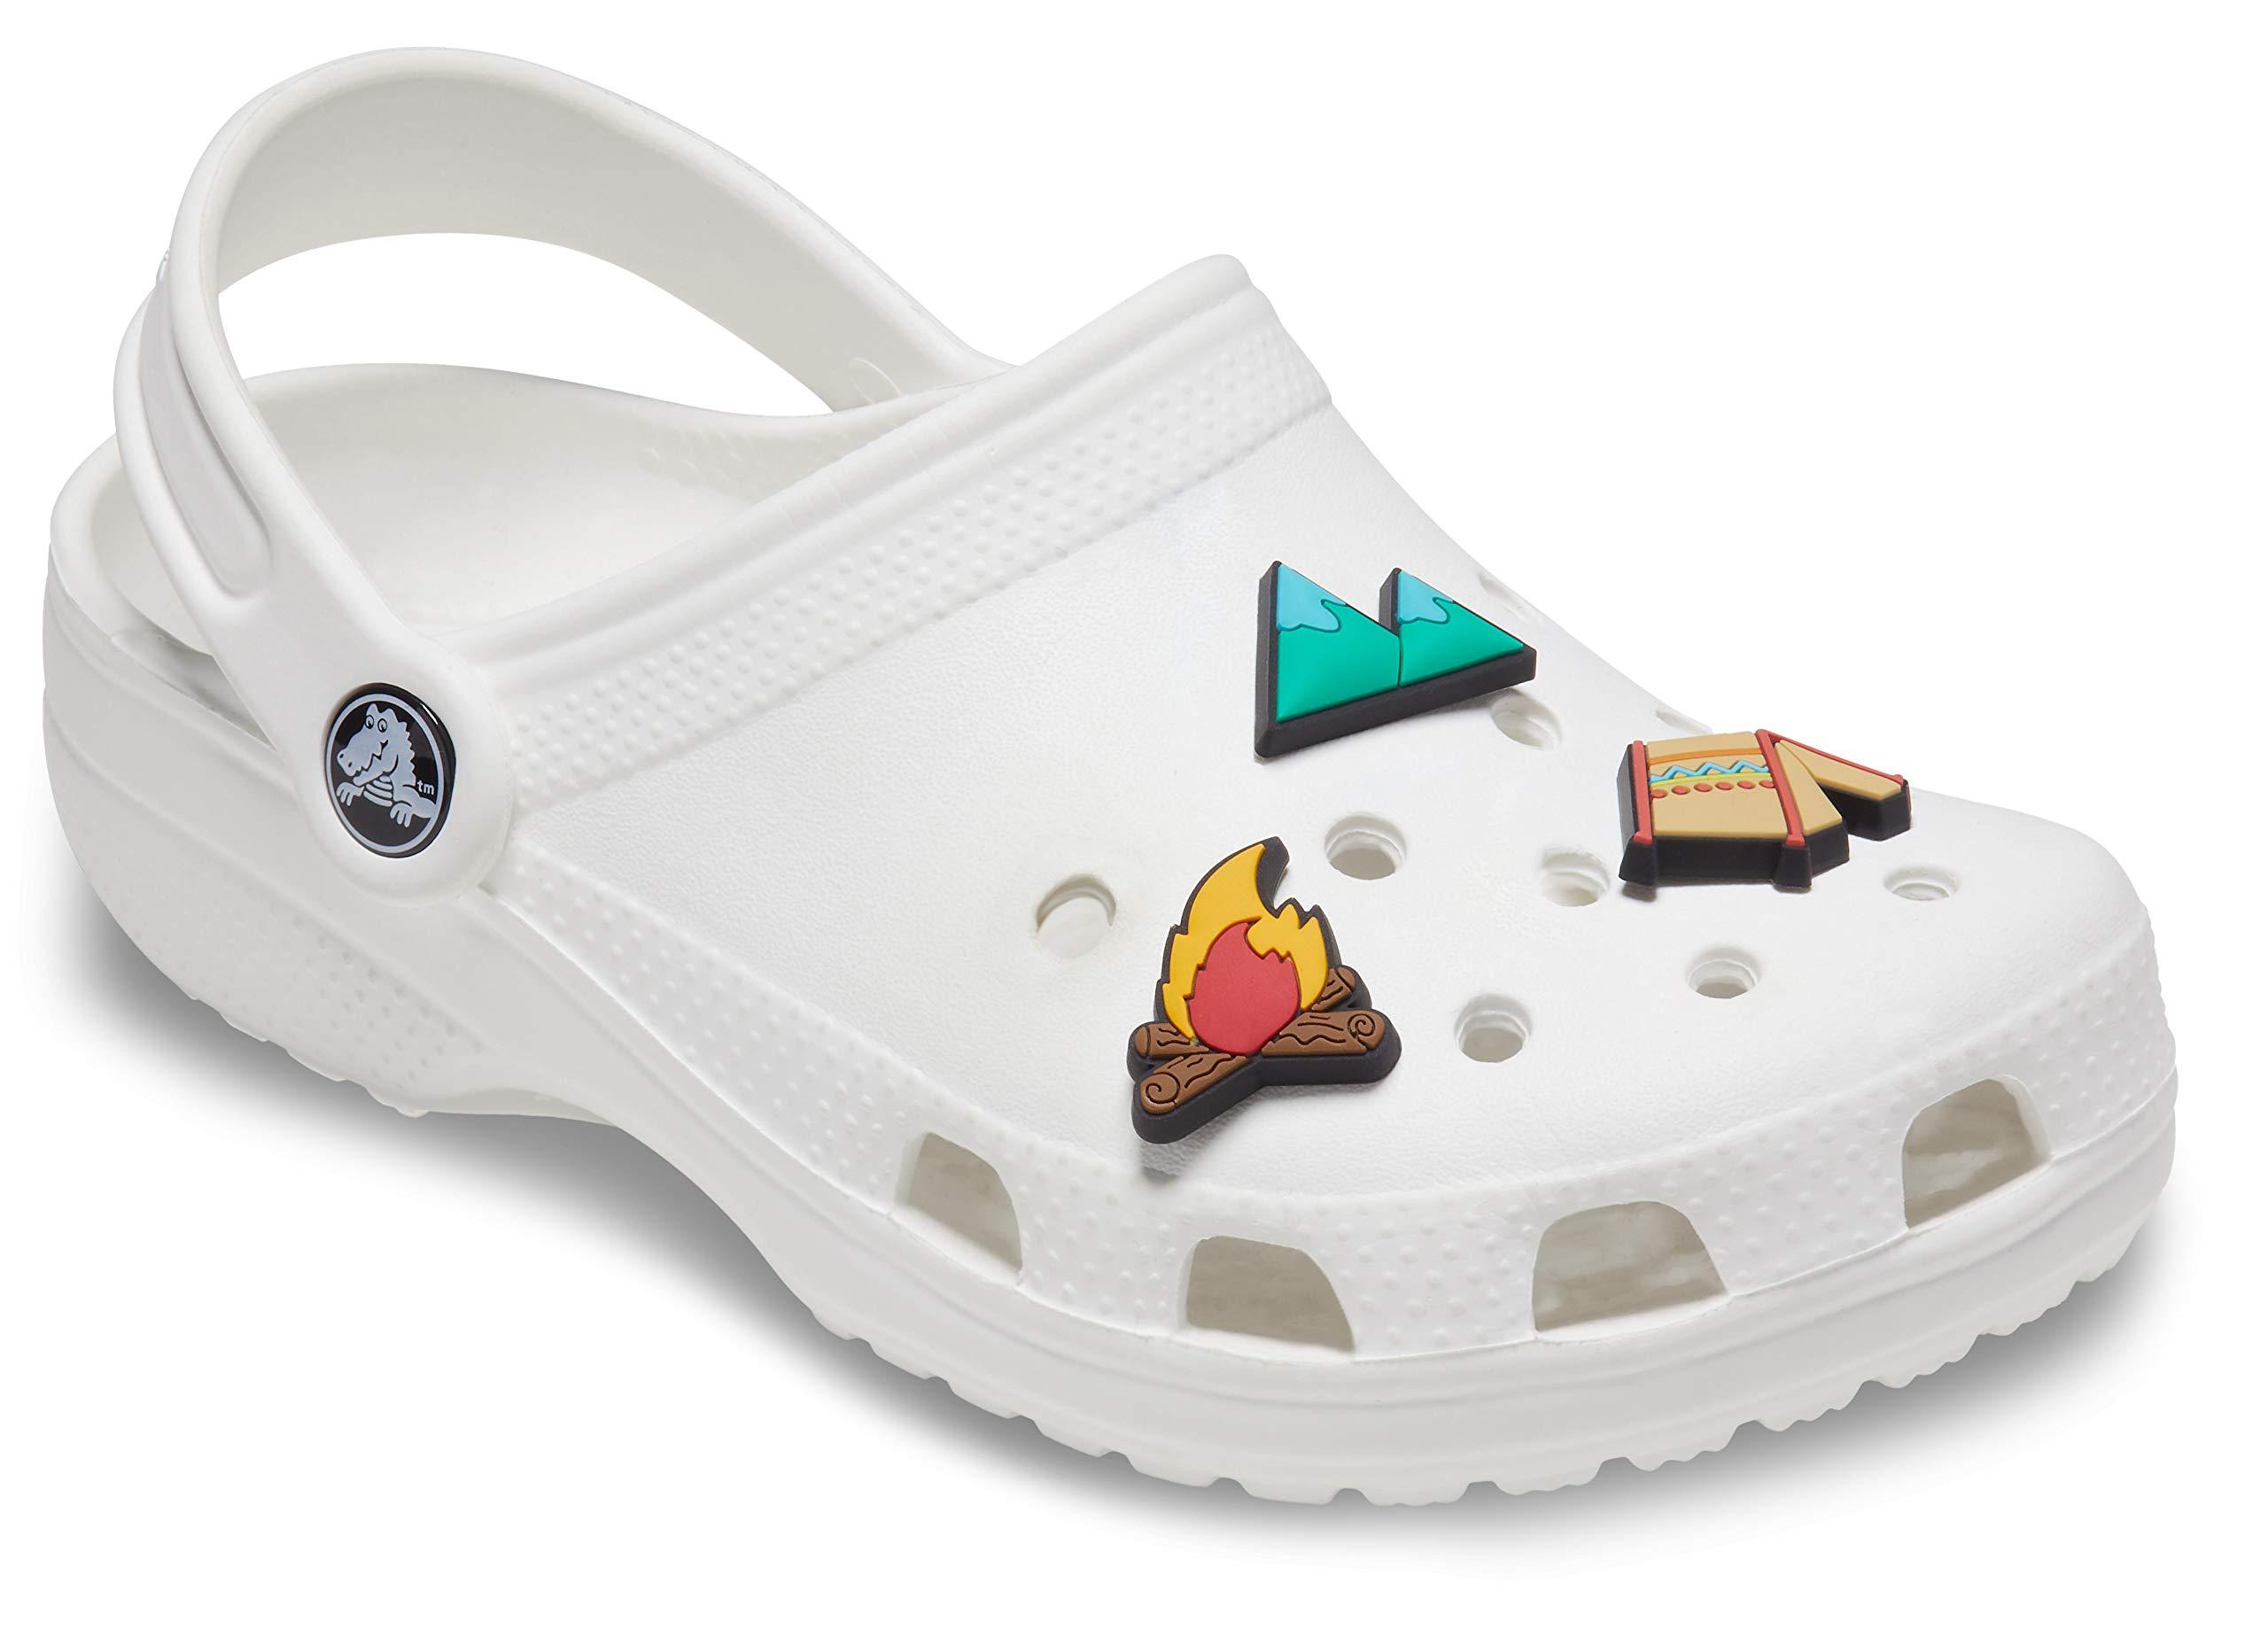 1x Schuhstecker//Shoe Charms für Clogs//Crocs für Peppa Wutz Fans #03 Schuhpins